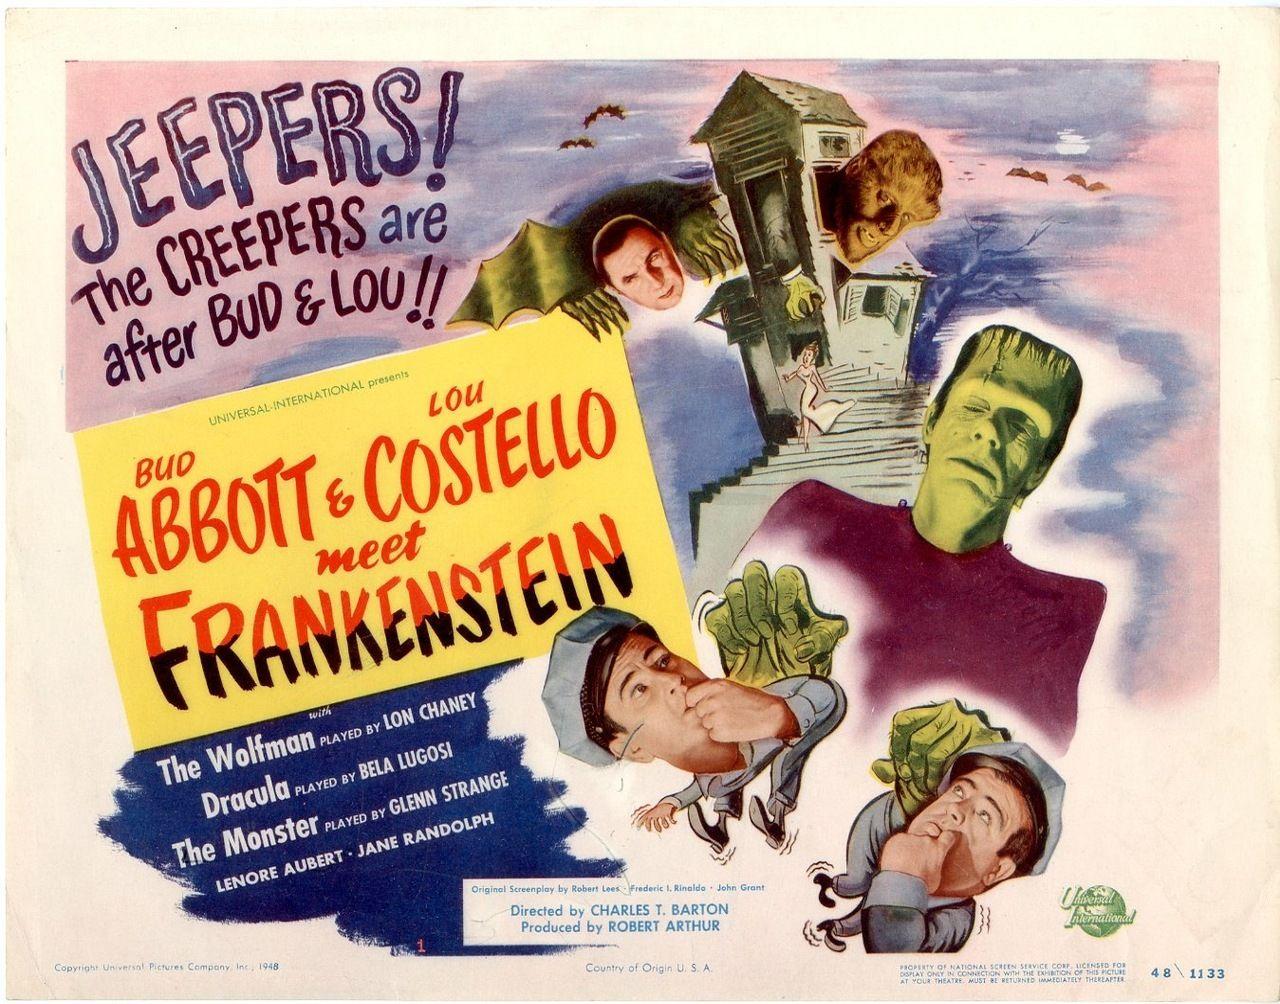 Bud Abbott & Lou Costello Meet Frankenstein, US title card. 1948